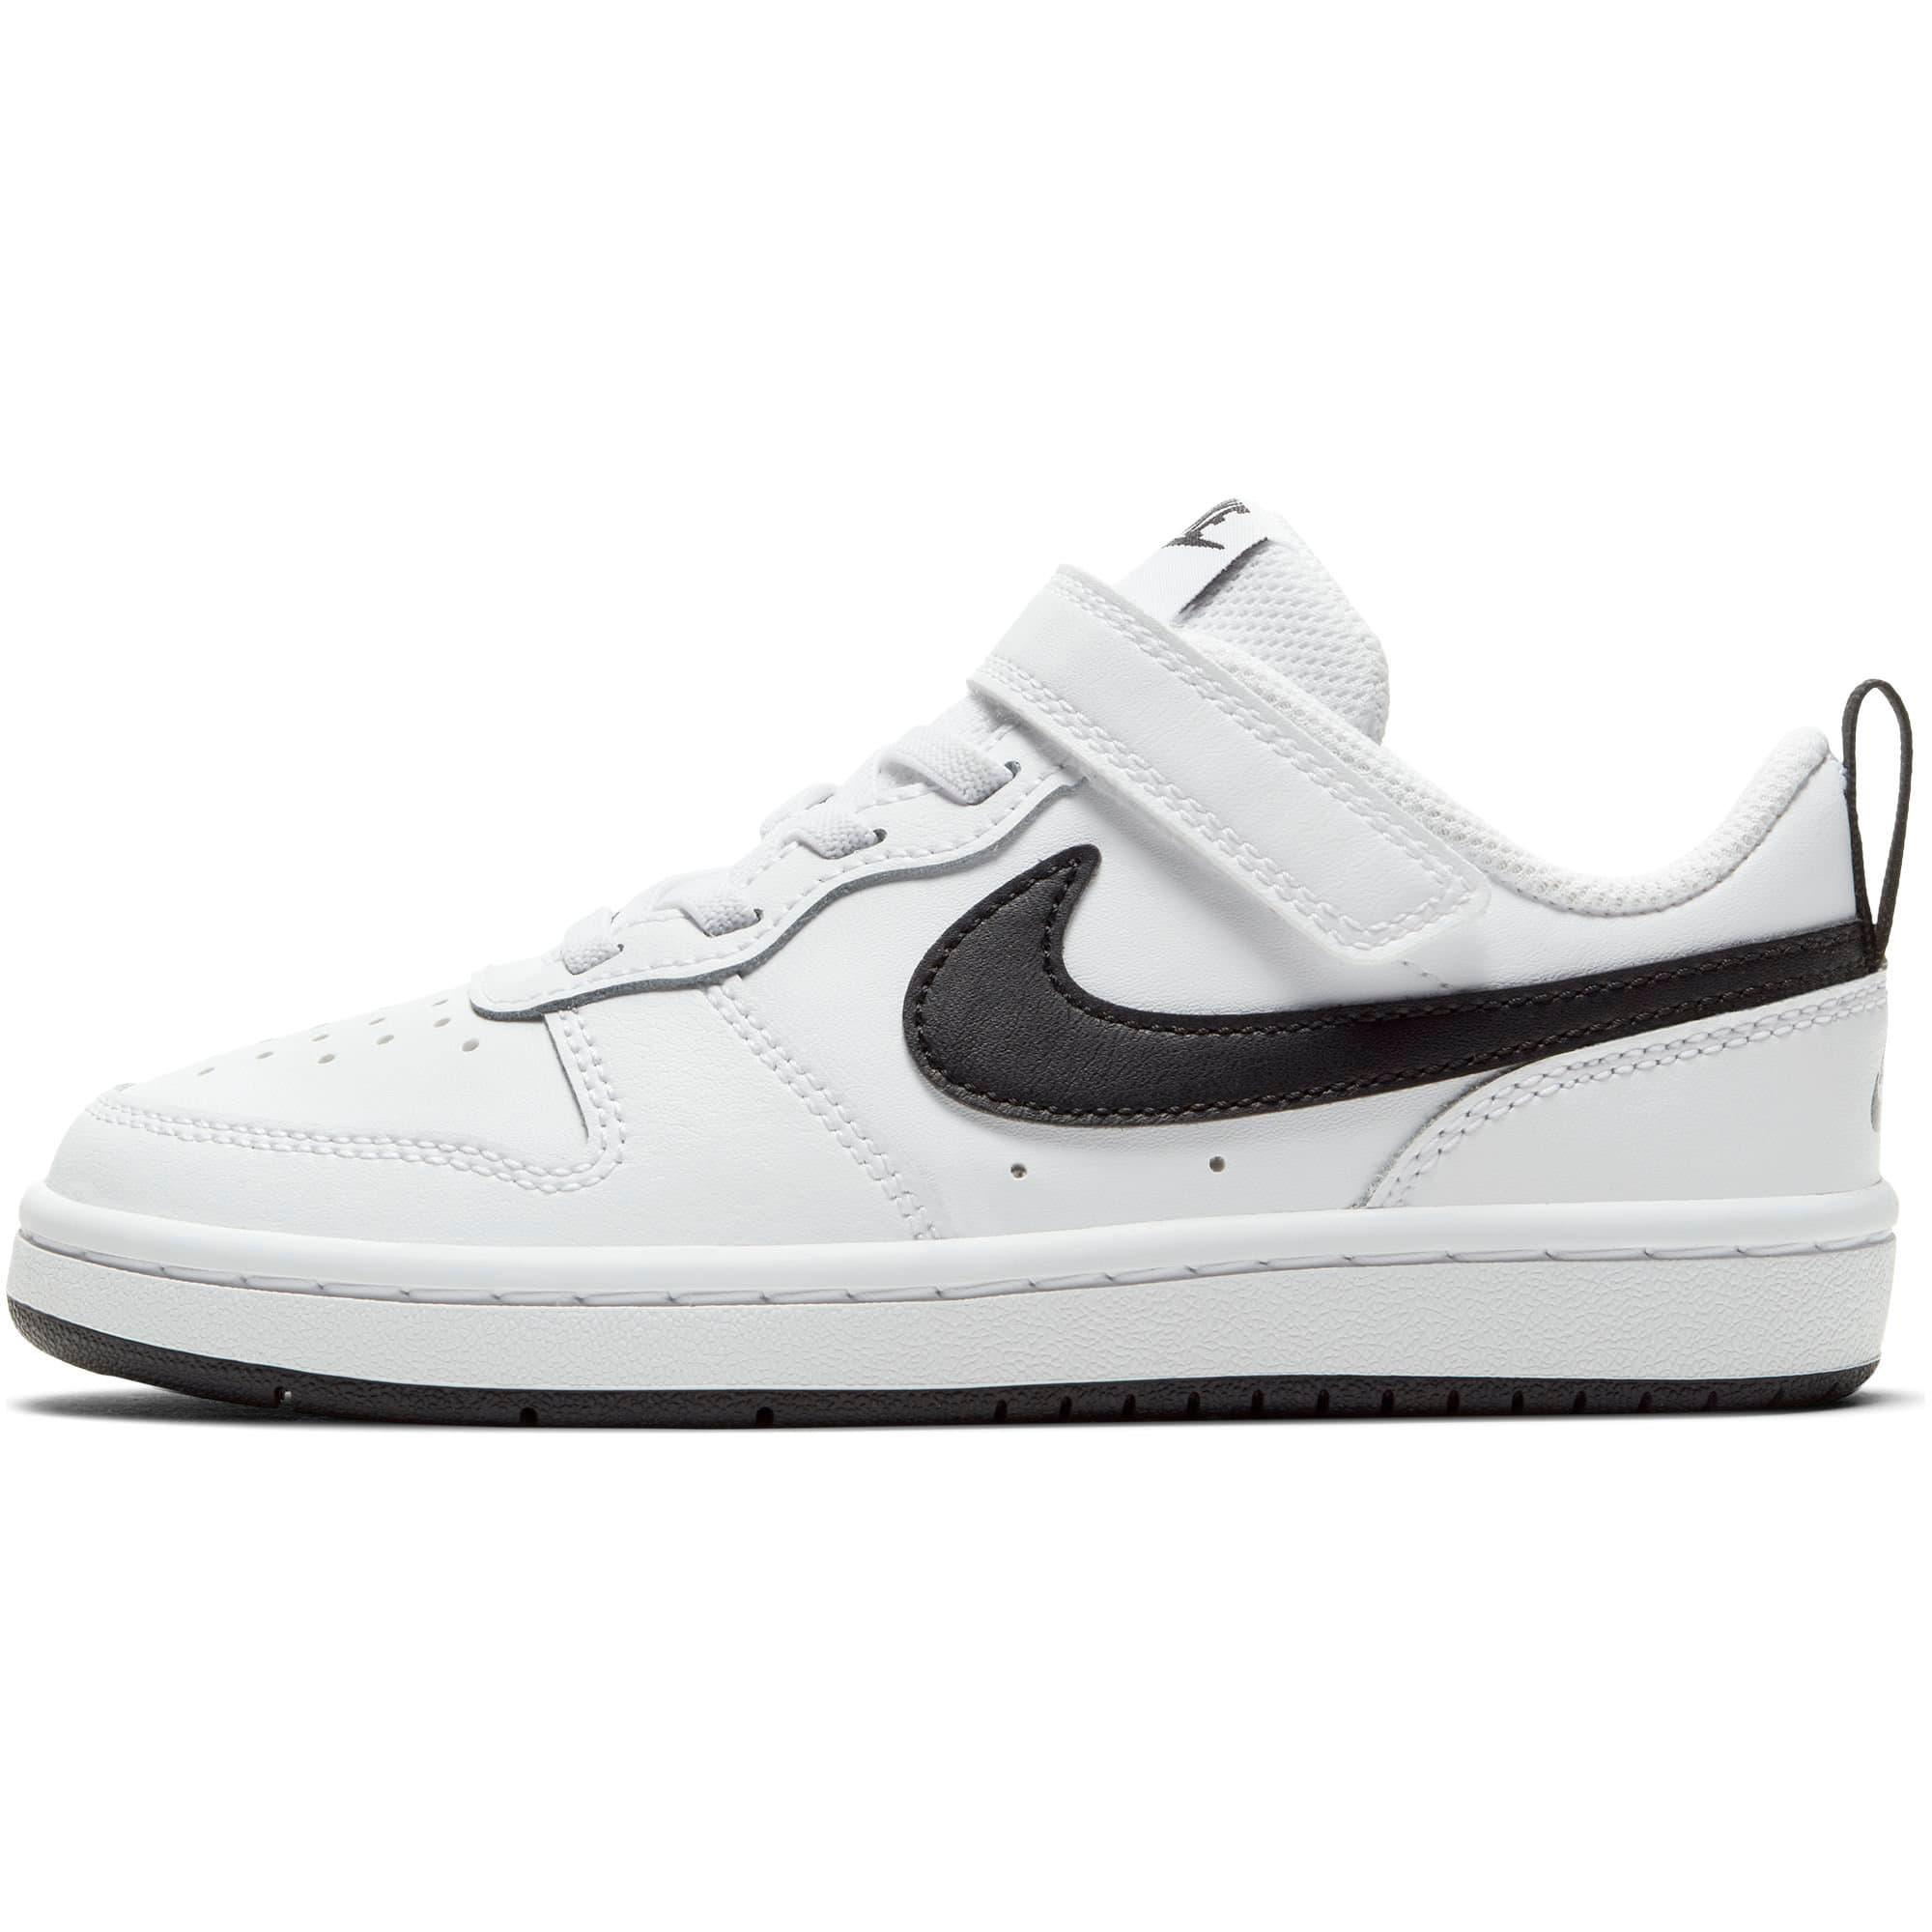 Court Borough Low 2 Çocuk Beyaz Spor Ayakkabı (BQ5451-104)